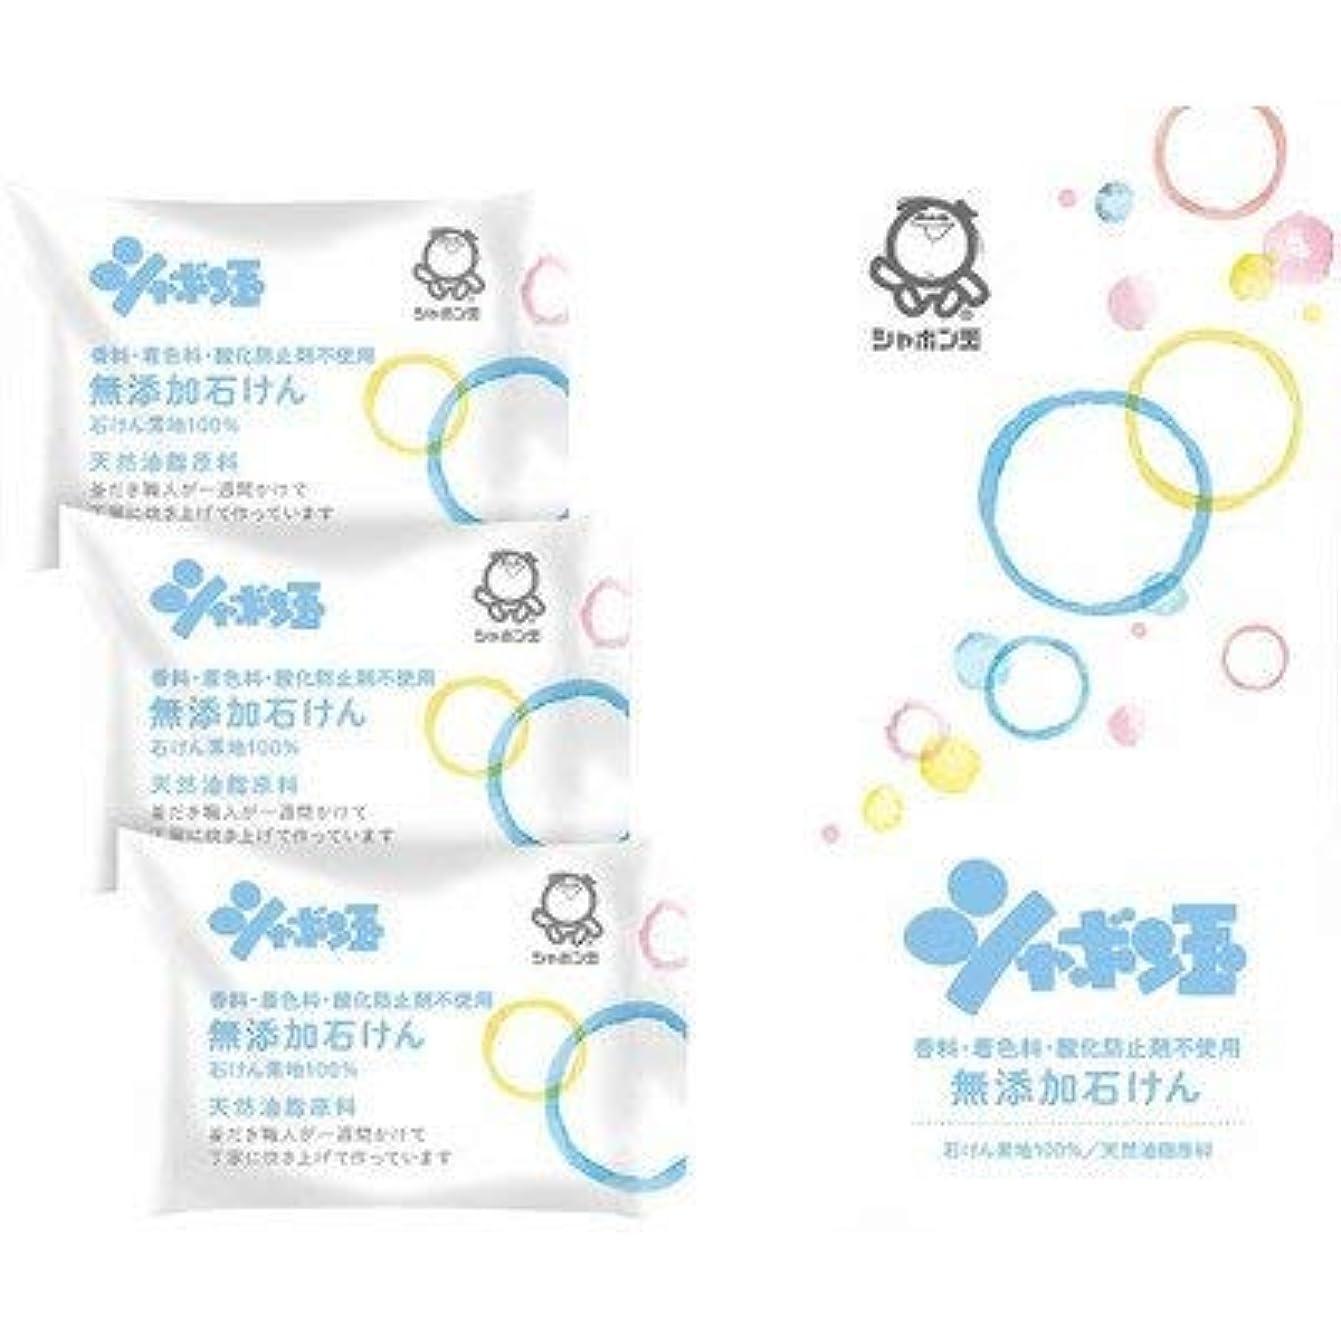 ケイ素おっとゲージ【ギフトセット】 シャボン玉無添加石鹸ギフトセット SMG-5B